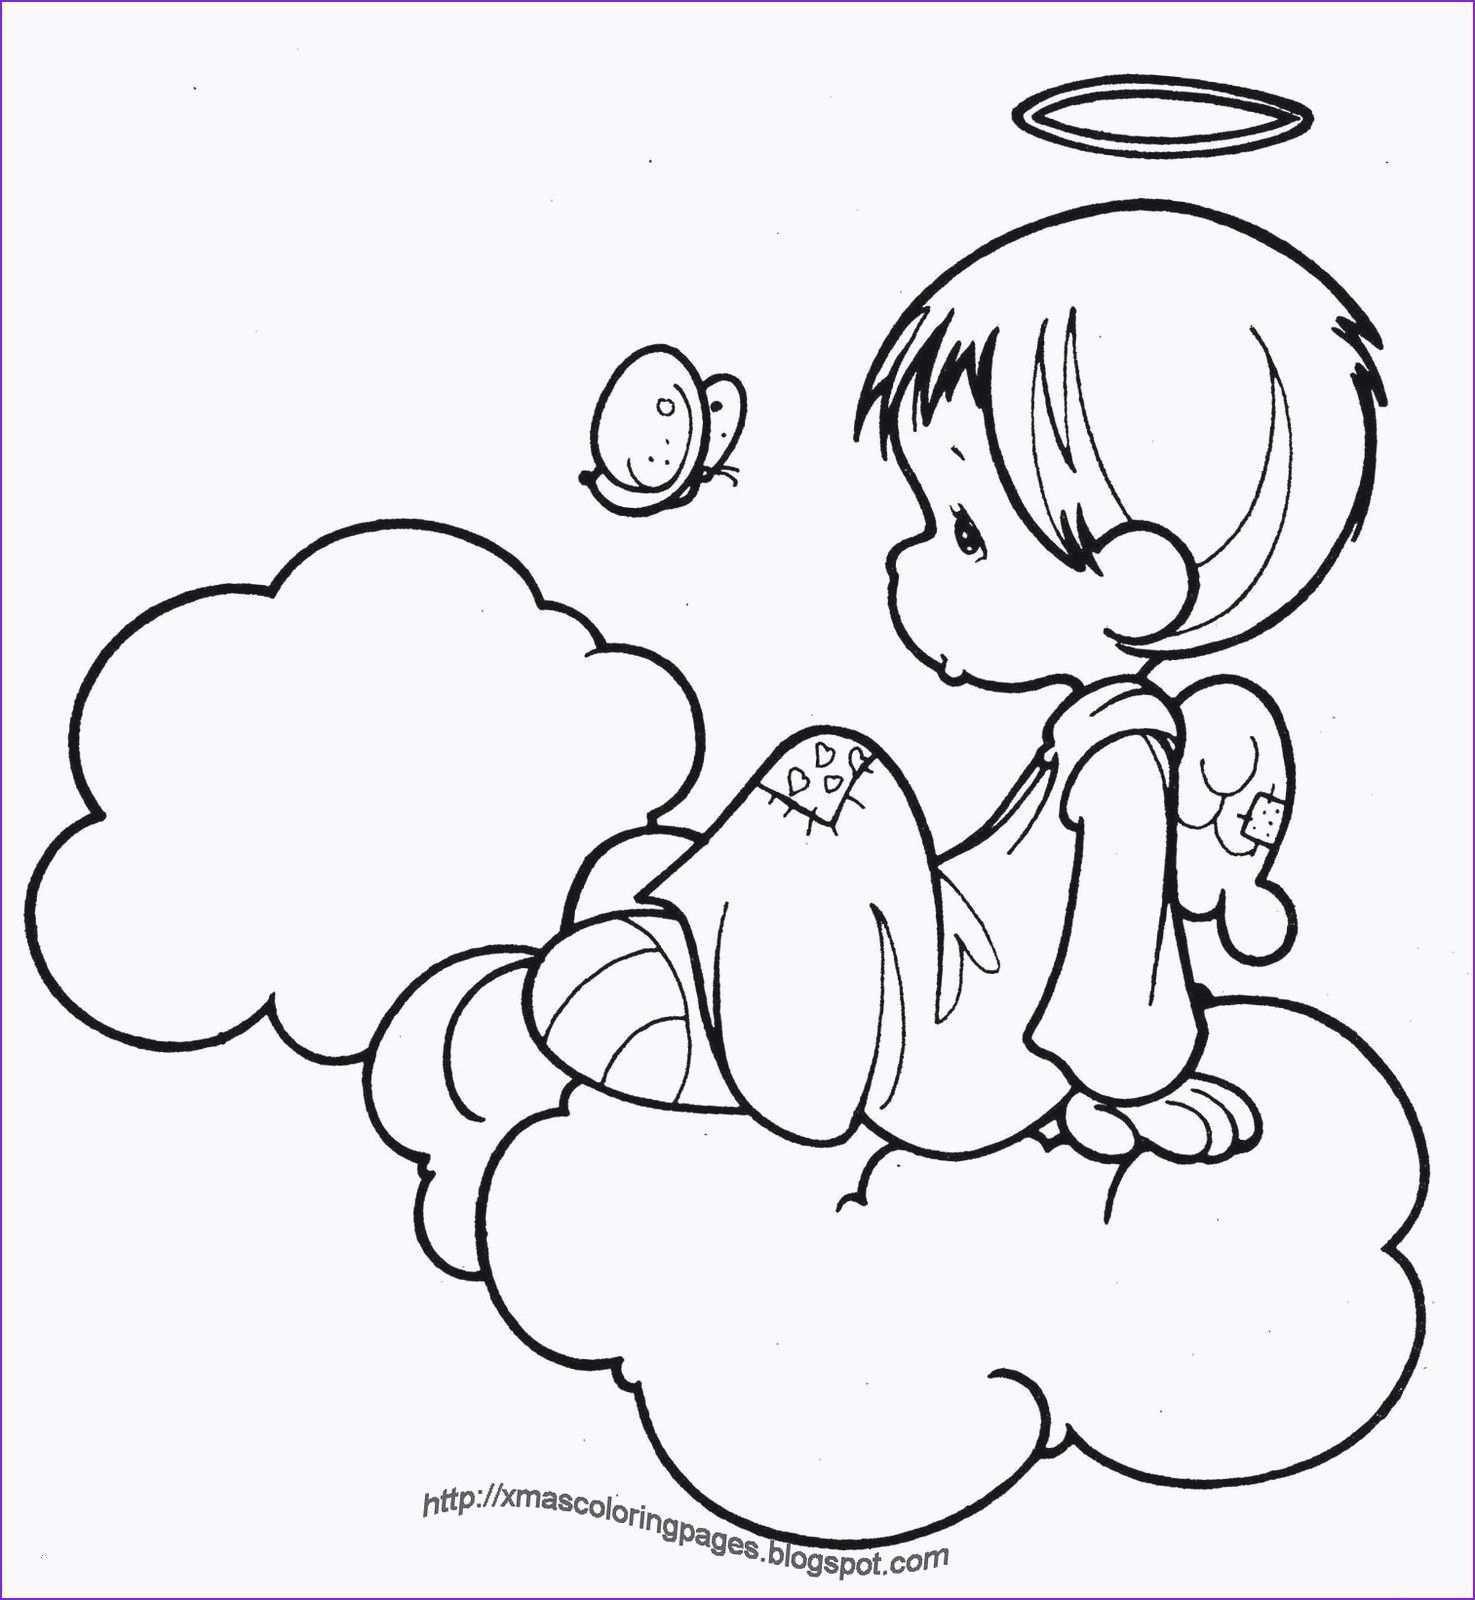 51 Frisch Ausmalbilder Disney Violetta Bild In 2020 Malbuch Vorlagen Wenn Du Mal Buch Bibel Malvorlagen